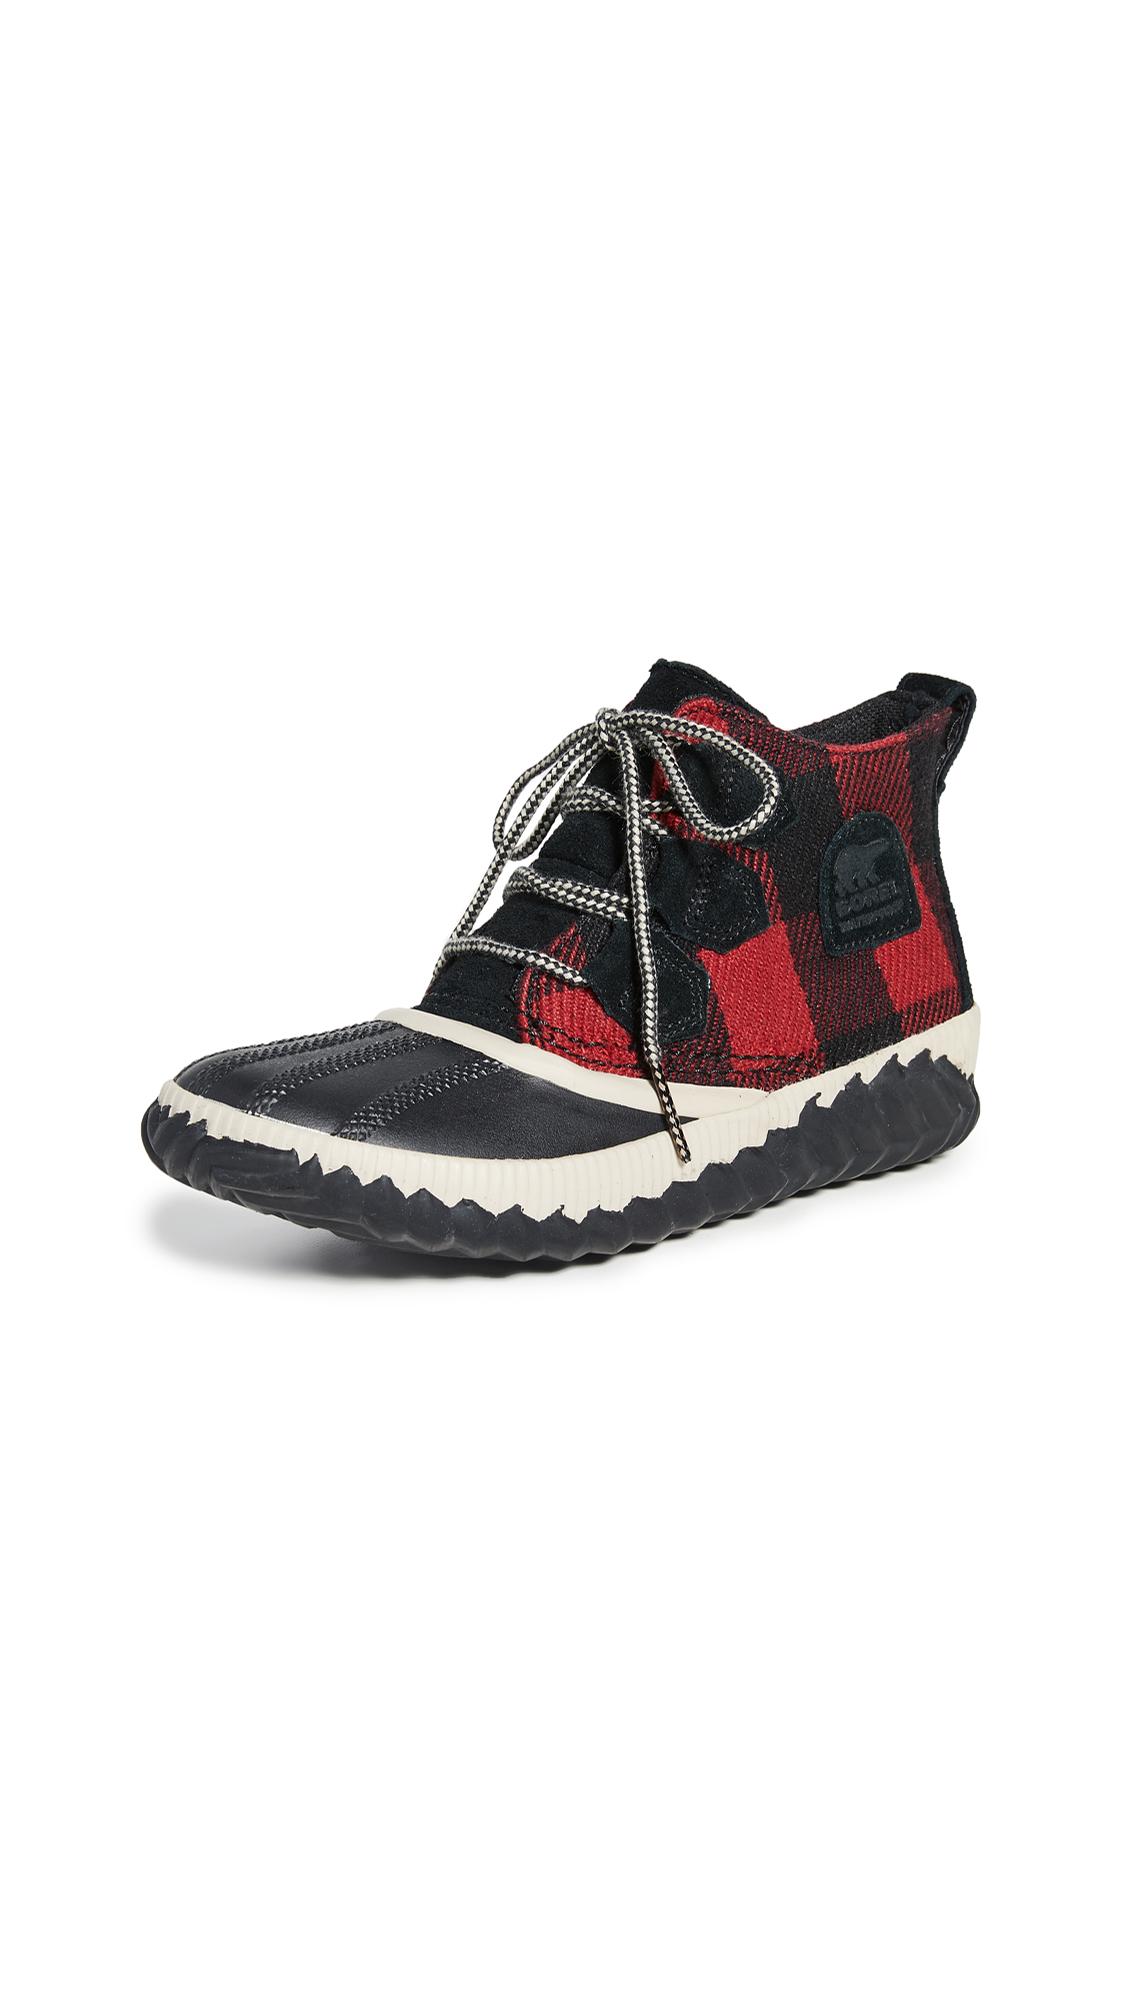 Buy Sorel Out 'N About Plus Boots online, shop Sorel